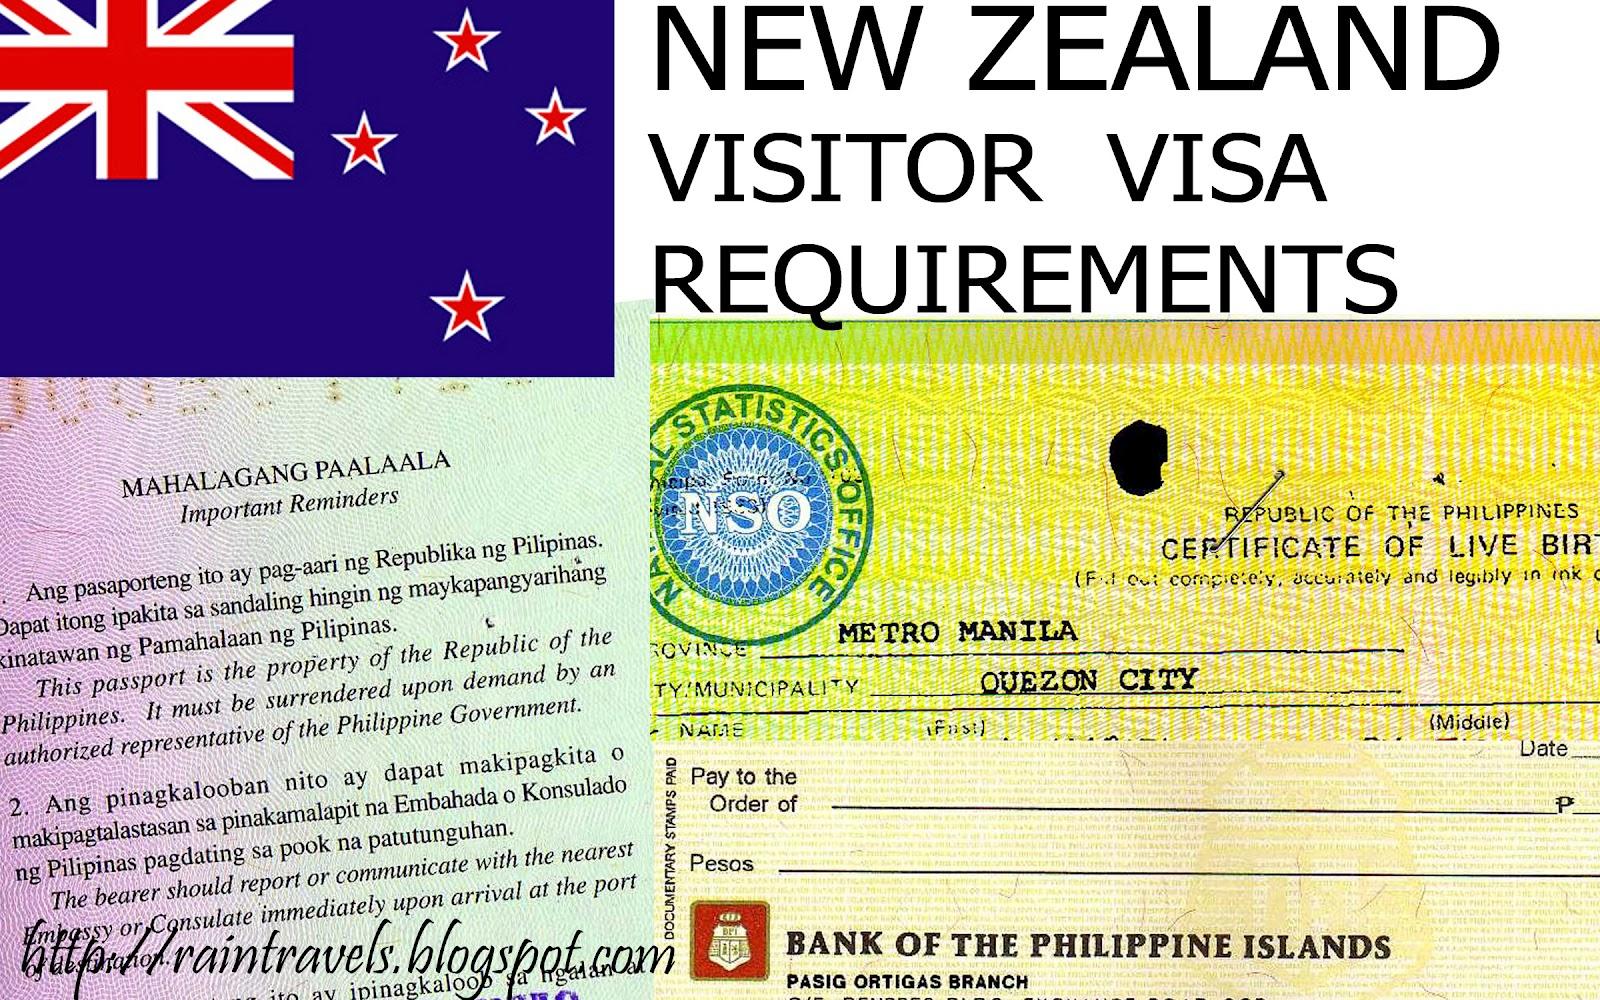 Visa de turista Filipinas - Cómo llegar a Australia con una visa de turista de la Visa de Turista Filipinas